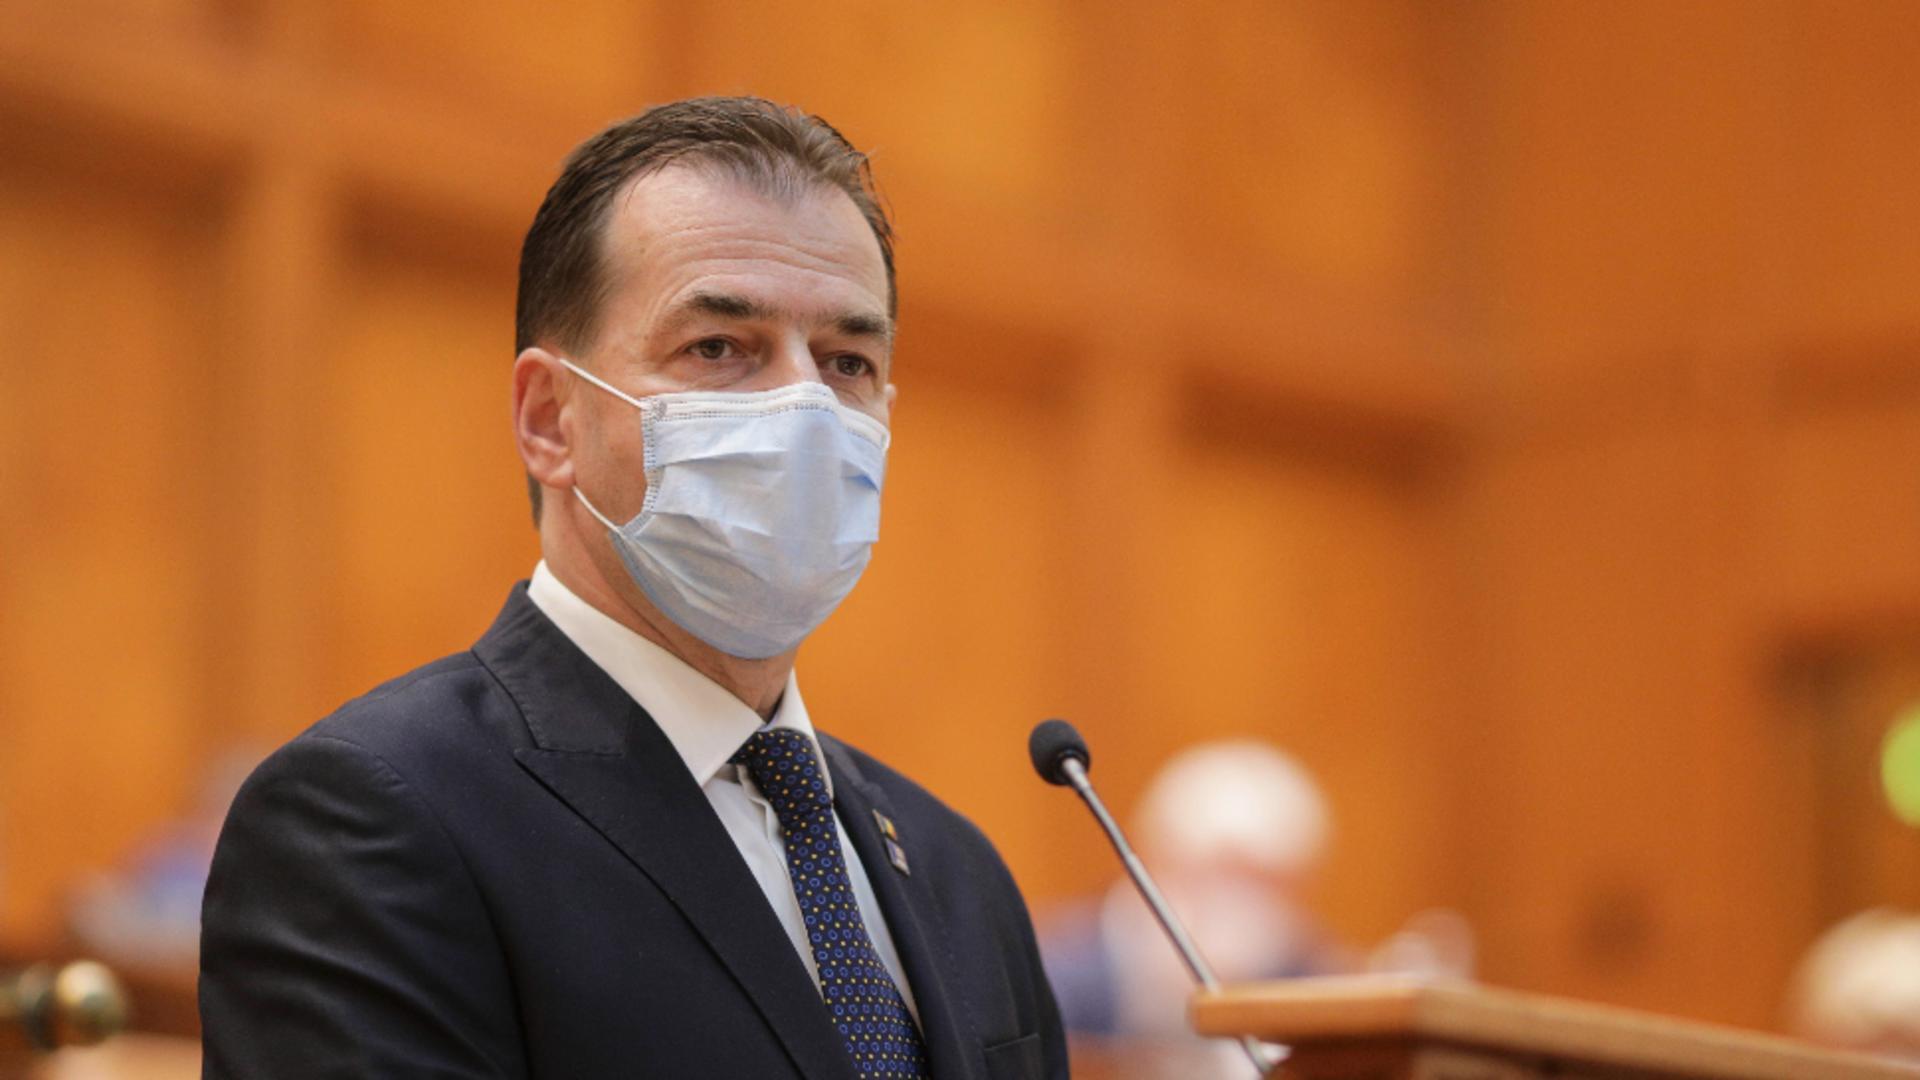 Ludovic Orban: Pogromul de la Iași - lecţia amară a unei istorii ce nu trebuie uitată Foto: INQUAM